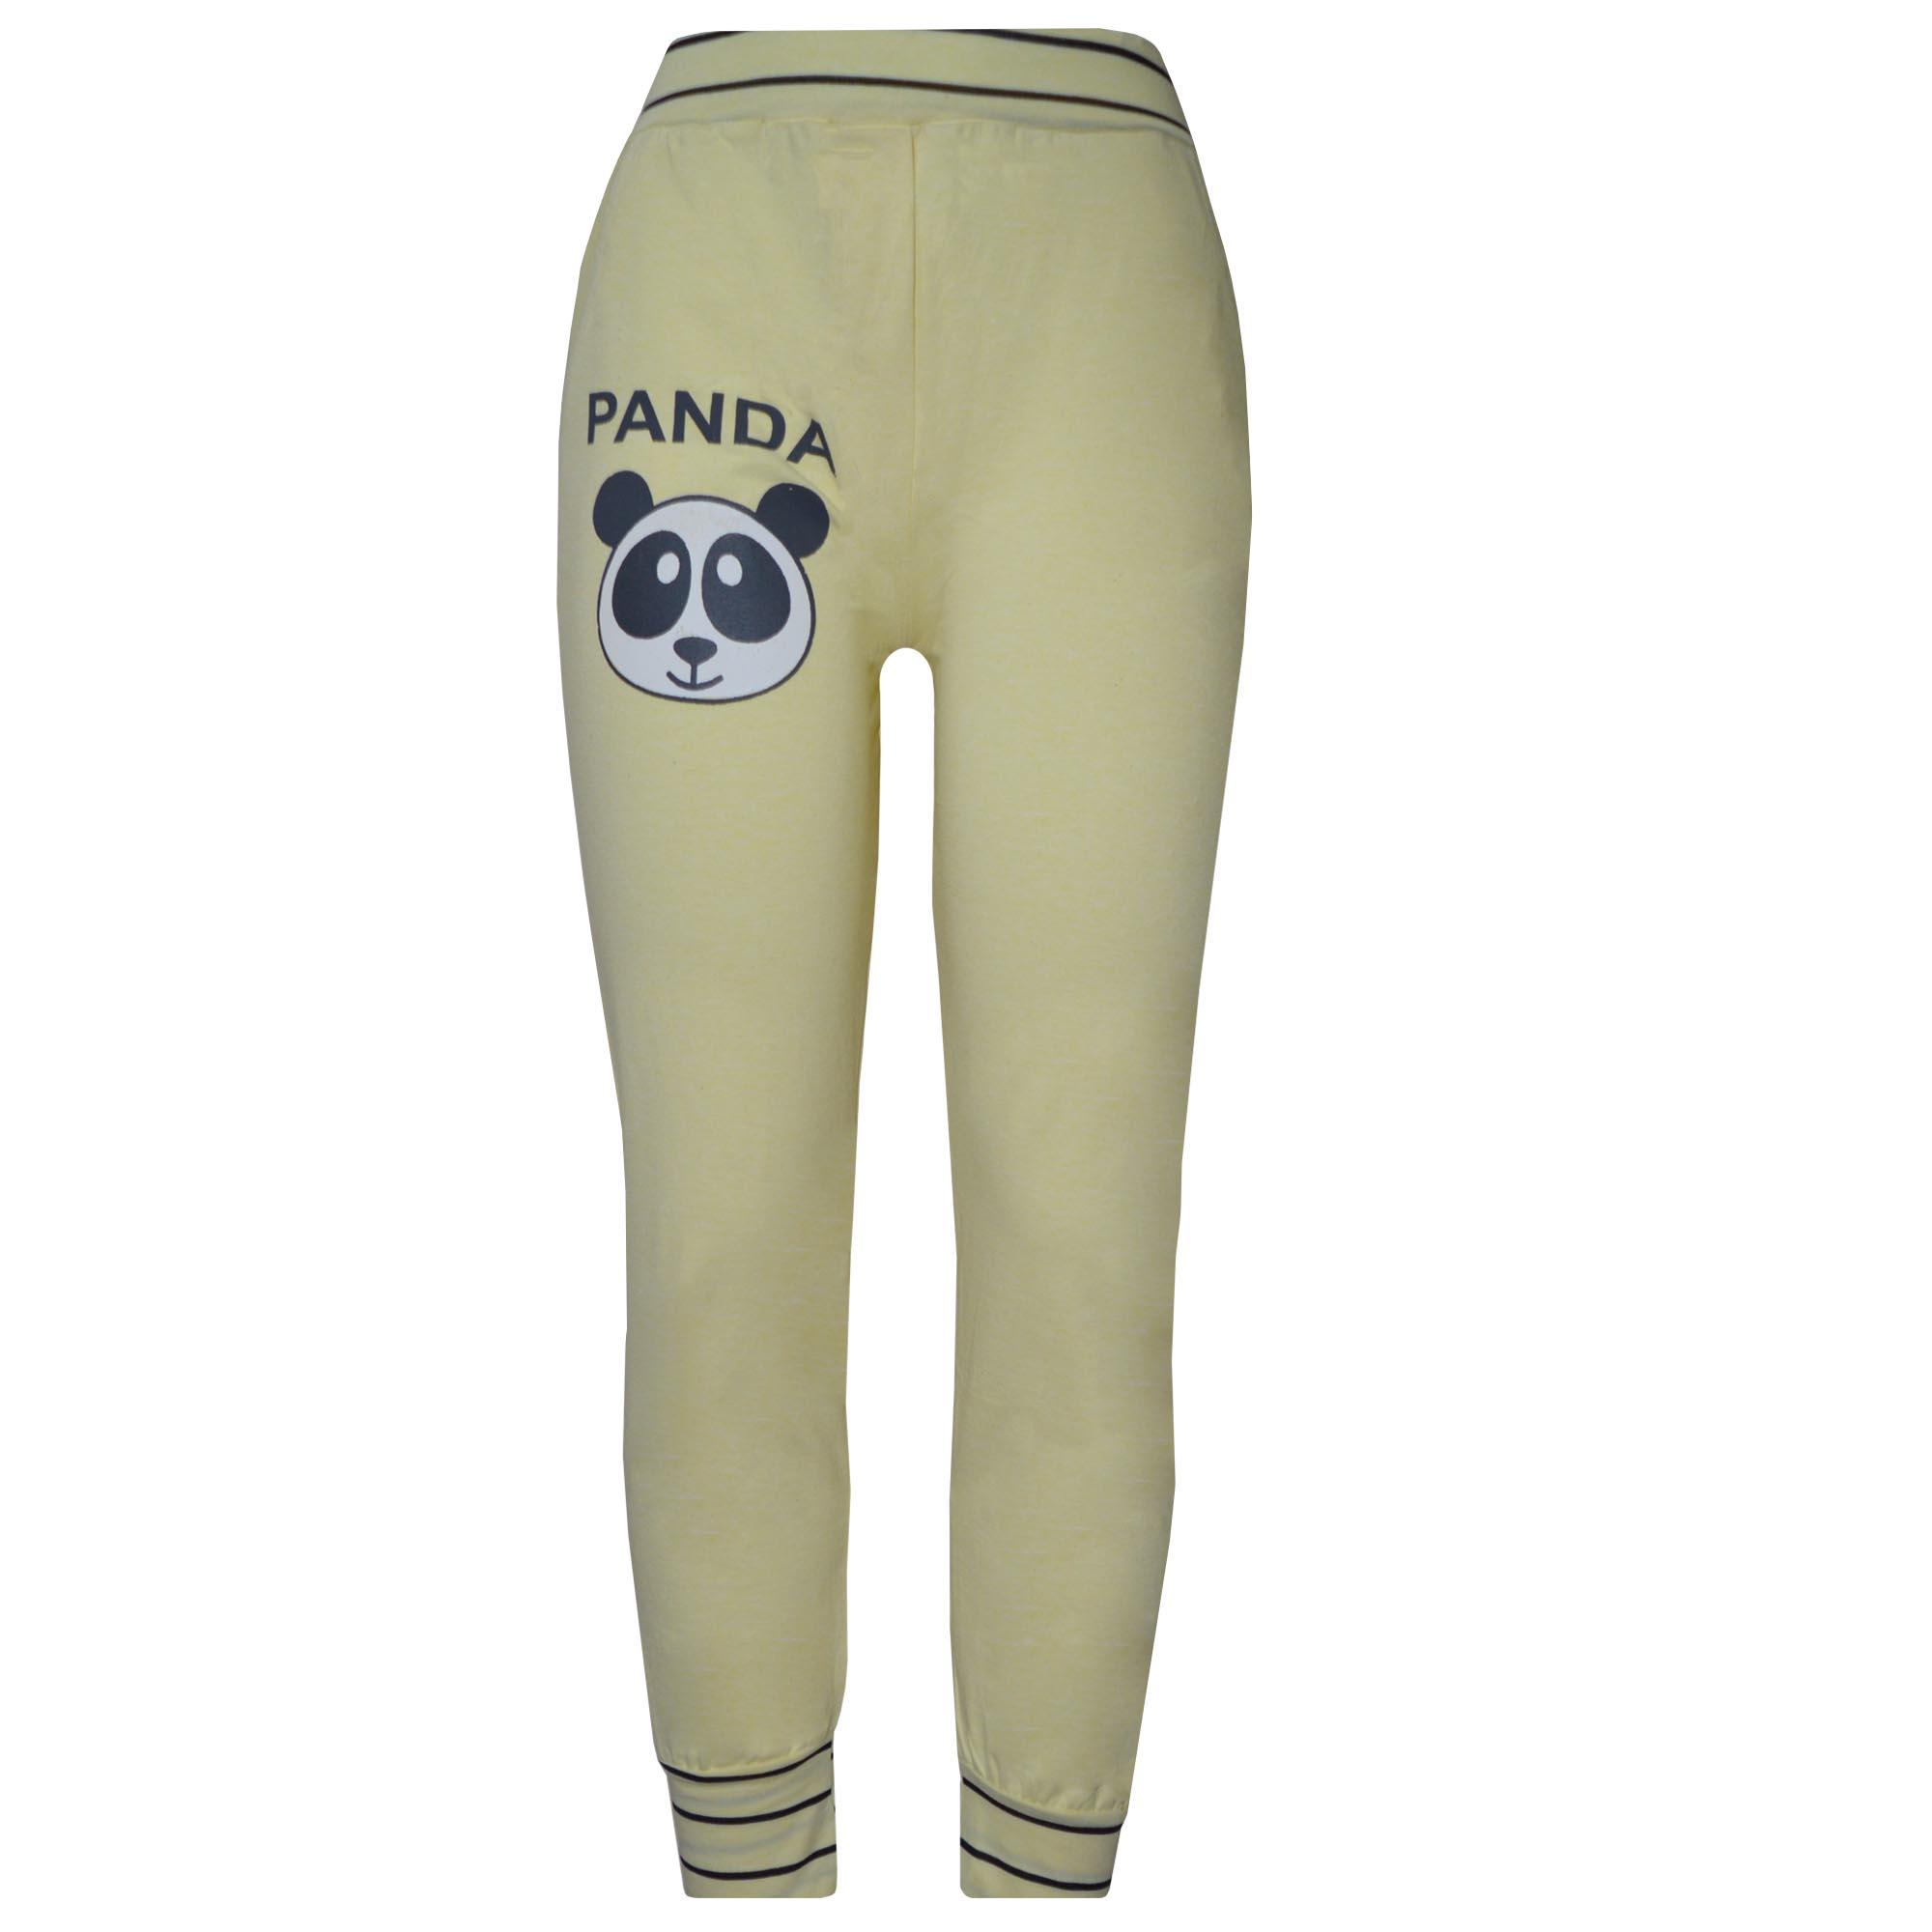 خرید                                      شلوار زنانه طرح پاندا کد 1005 رنگ زرد